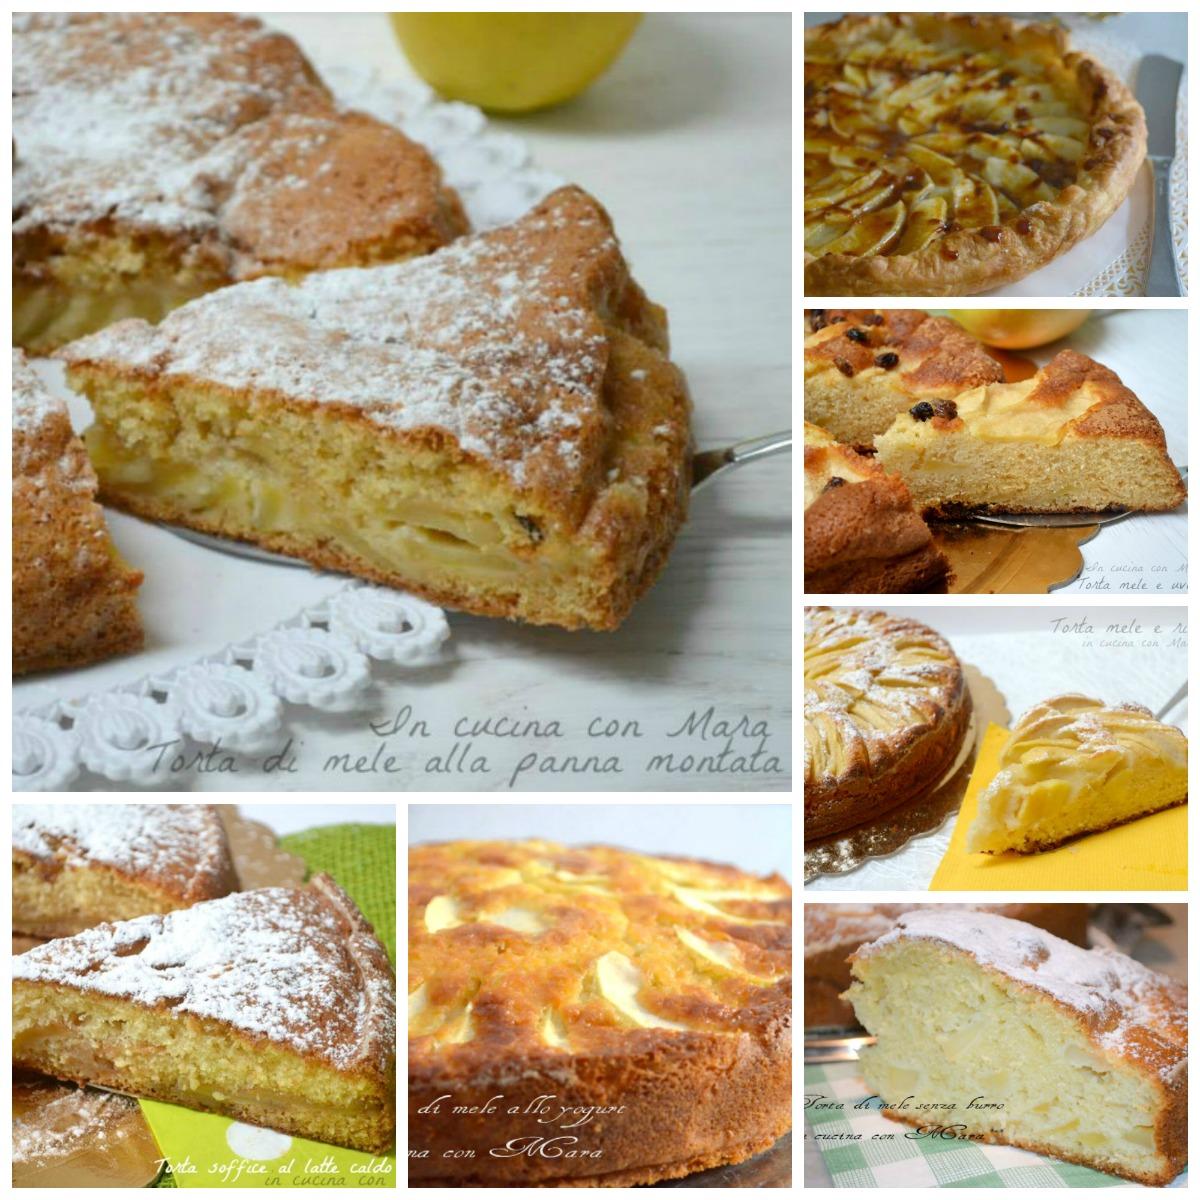 Torte di mele ricette semplici raccolta in cucina con mara for Ricette semplici cucina